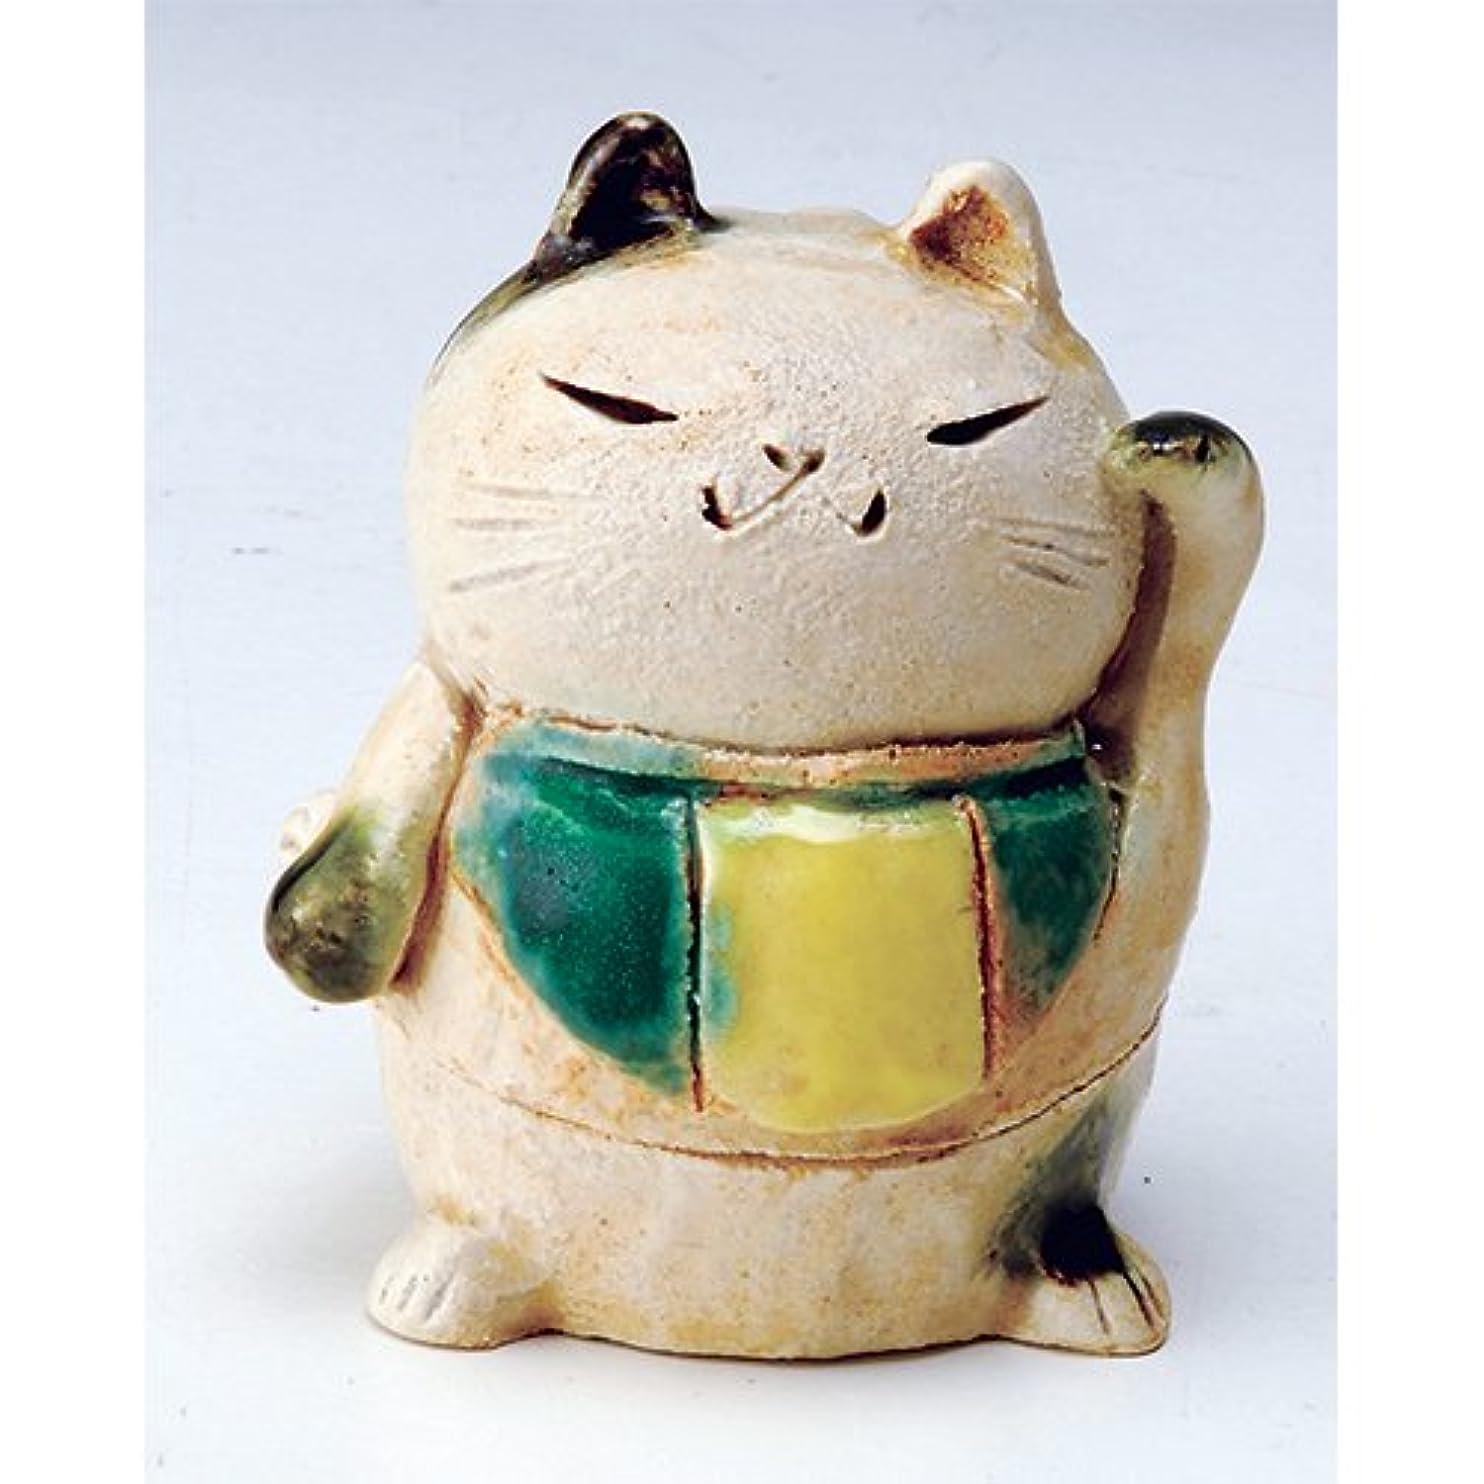 広々前奏曲マナー香炉 白萩 招き猫(人)香炉(小) [H8cm] HANDMADE プレゼント ギフト 和食器 かわいい インテリア